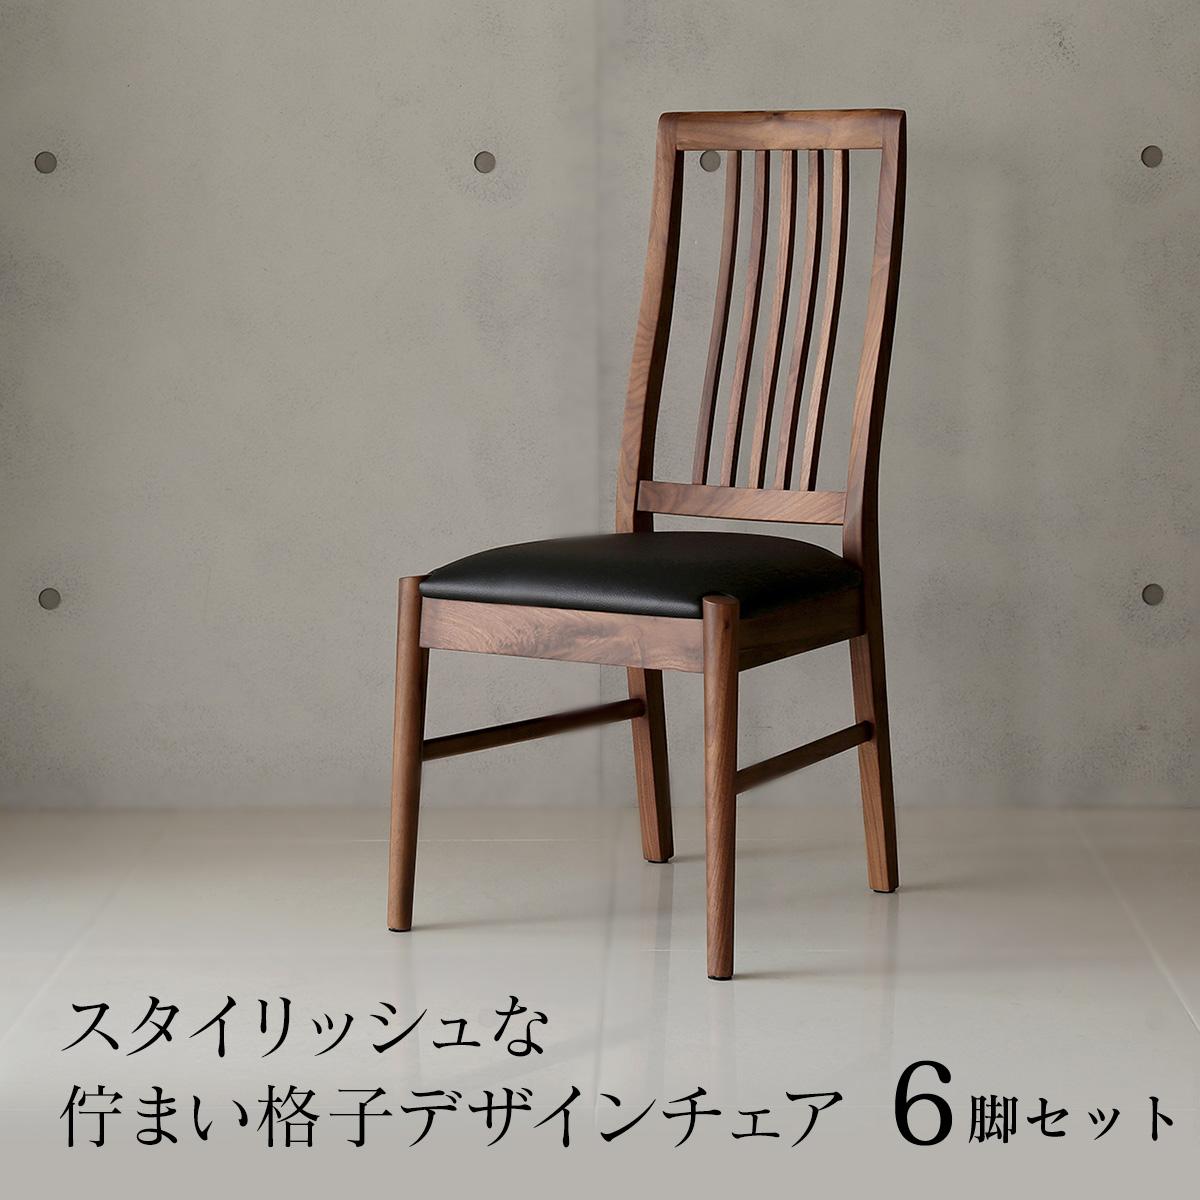 1000円OFFクーポン対象3/20 20:00-3/30 ダイニングチェア 6脚セット おしゃれ 椅子 イス ダイニングチェアー ブラウン ブラック 幅46cm 北欧 カフェ風 モダン 縦格子 クラスティーナ 3年保証 ウォールナット いす 家具 インテリア PVC 木製 マージ シンプル